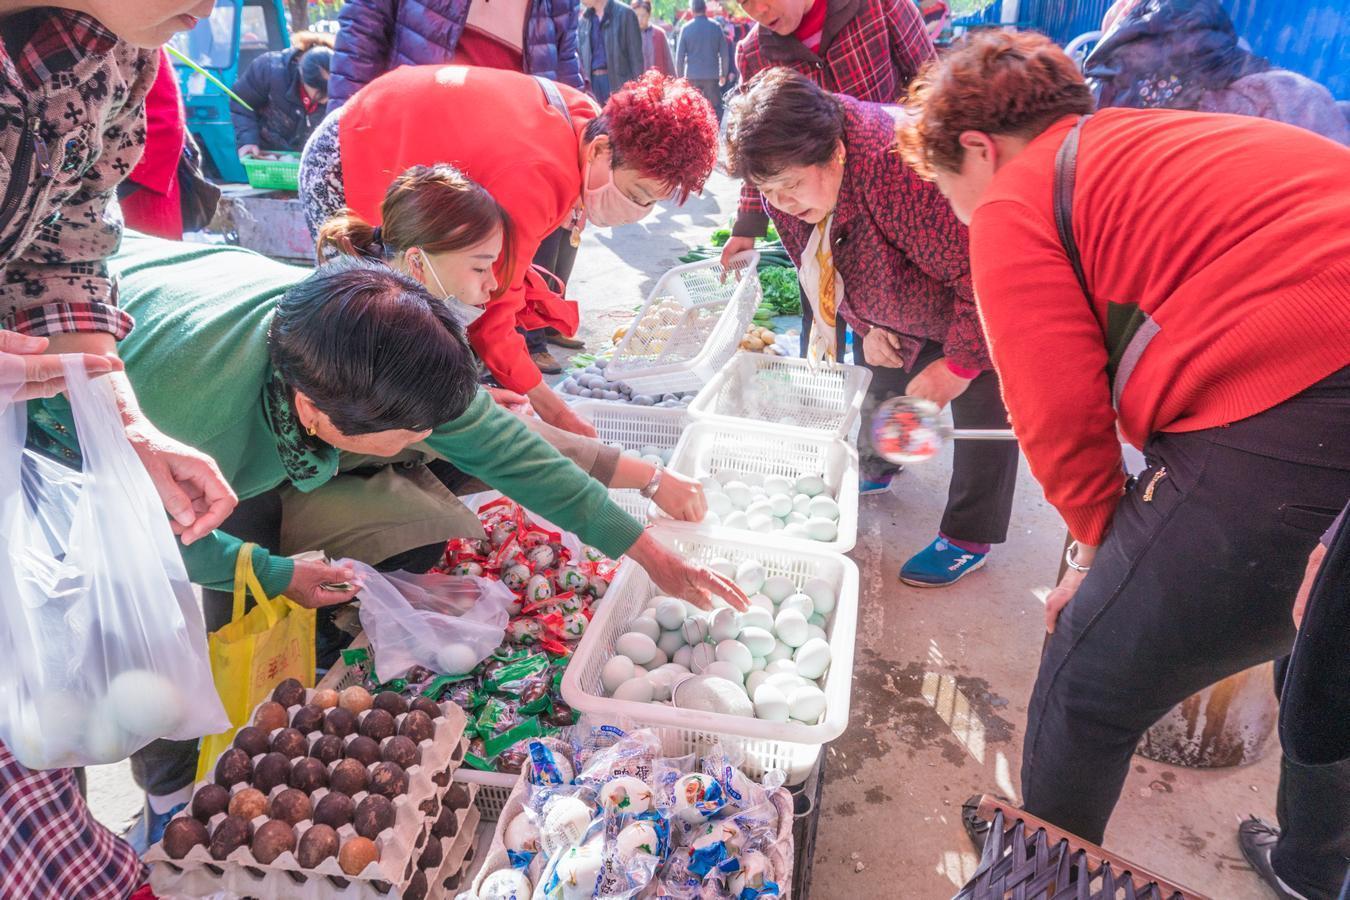 早市上农村大姐用铁锅煮咸鸭蛋 一元一个城里人排队抢着买